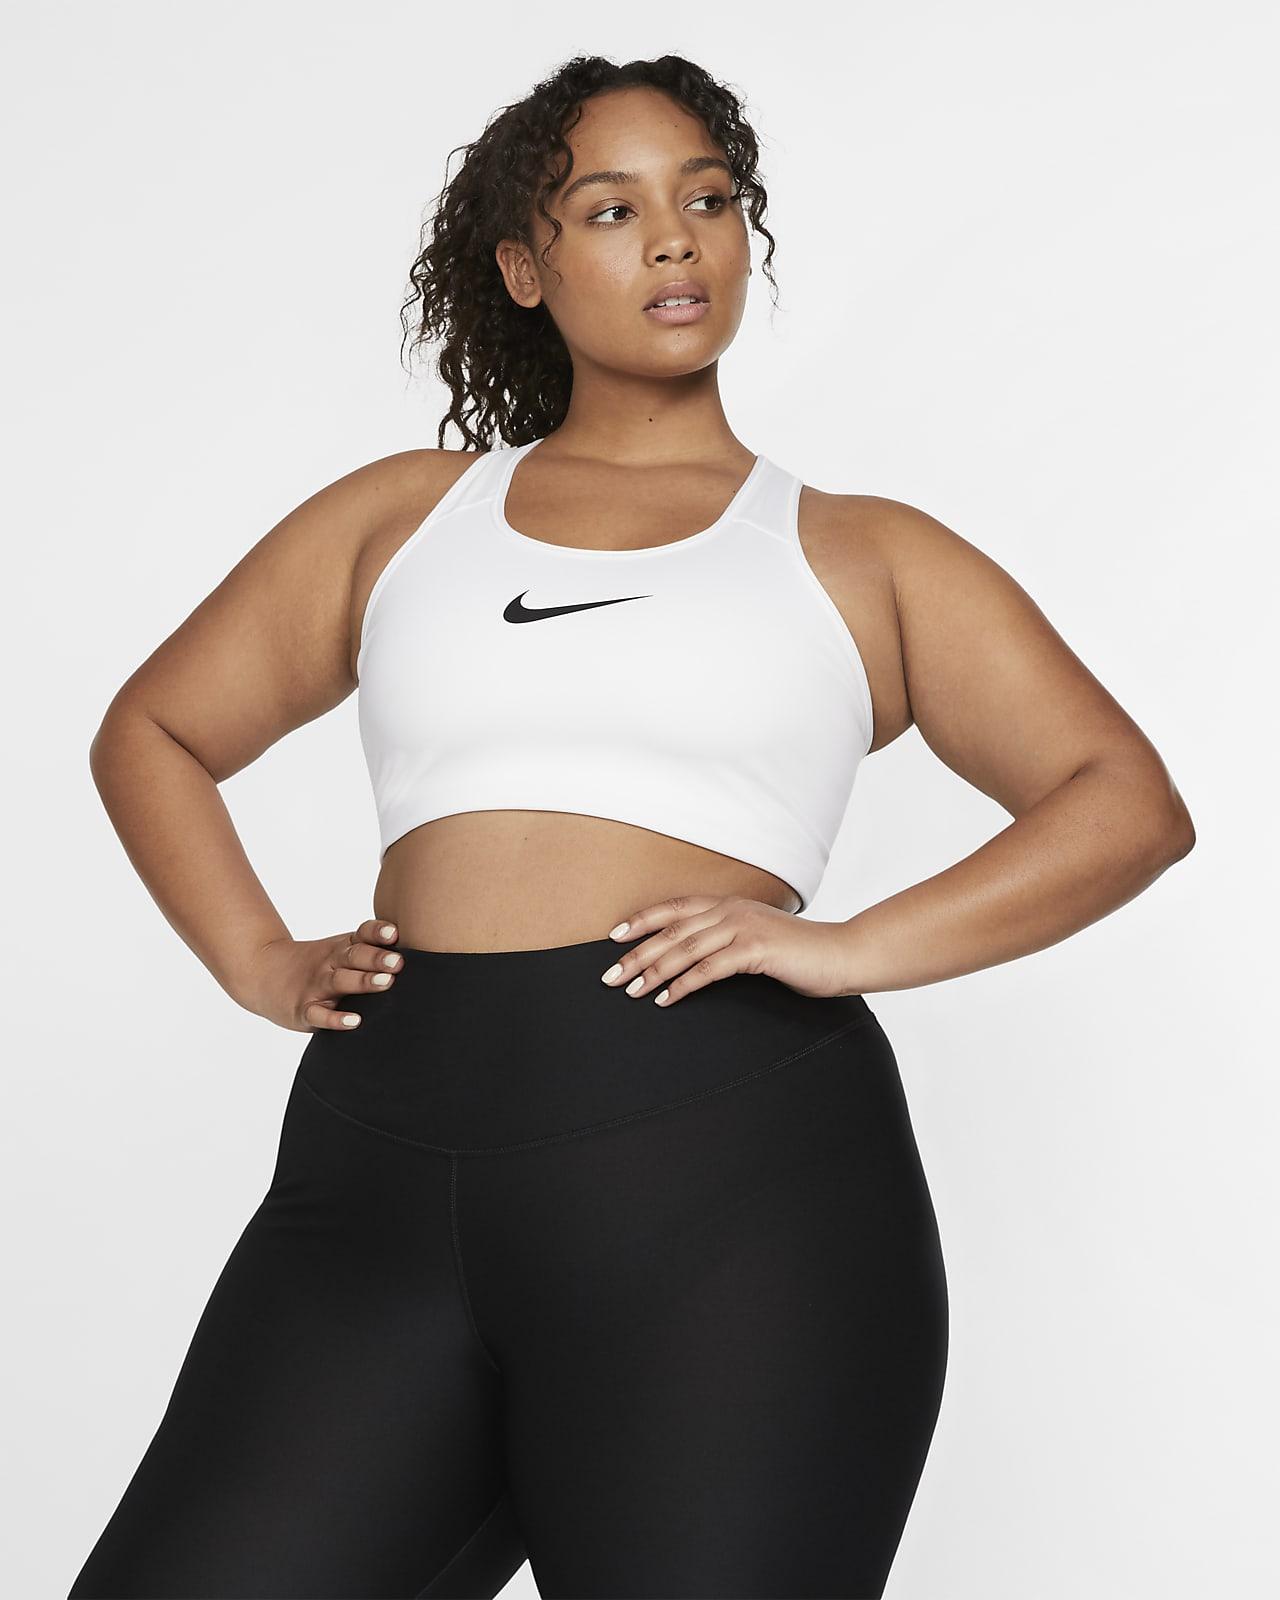 Nike Swoosh Sostenidors esportius de subjecció mitjana sense enconxat (Talles grans) - Dona